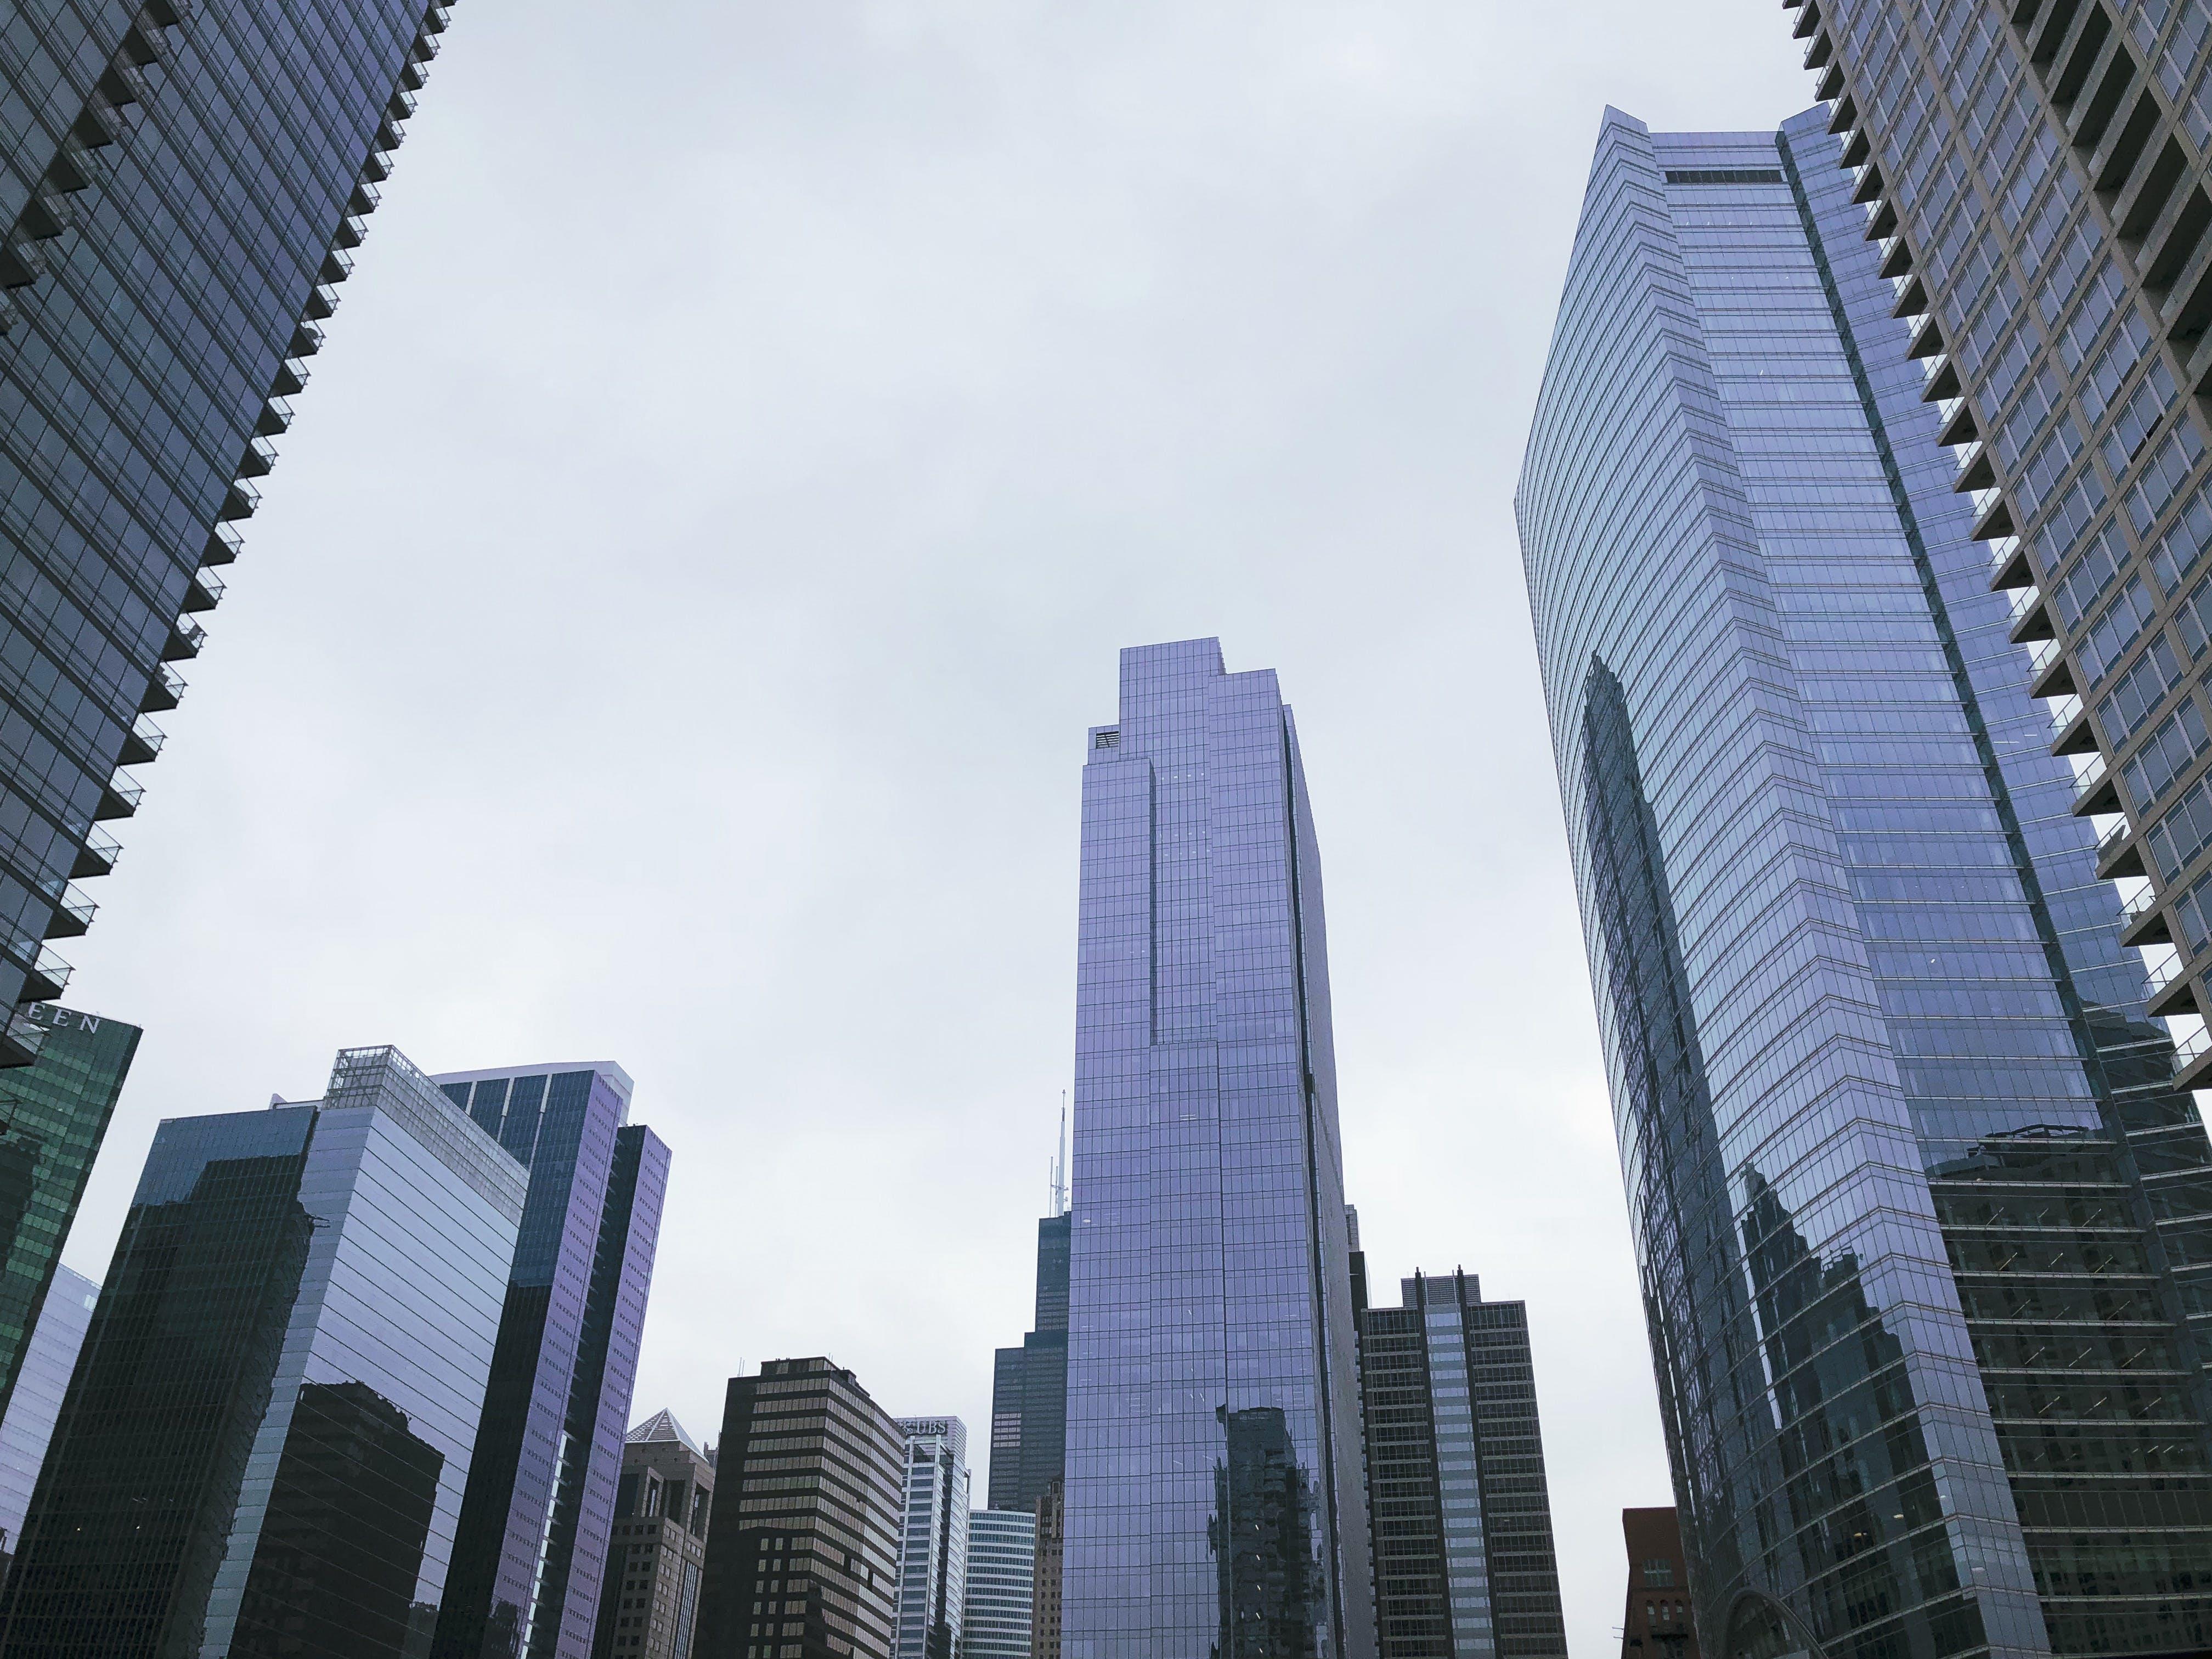 Gratis stockfoto met architectuur, eigentijds, fotografie met lage hoek, gebouwen